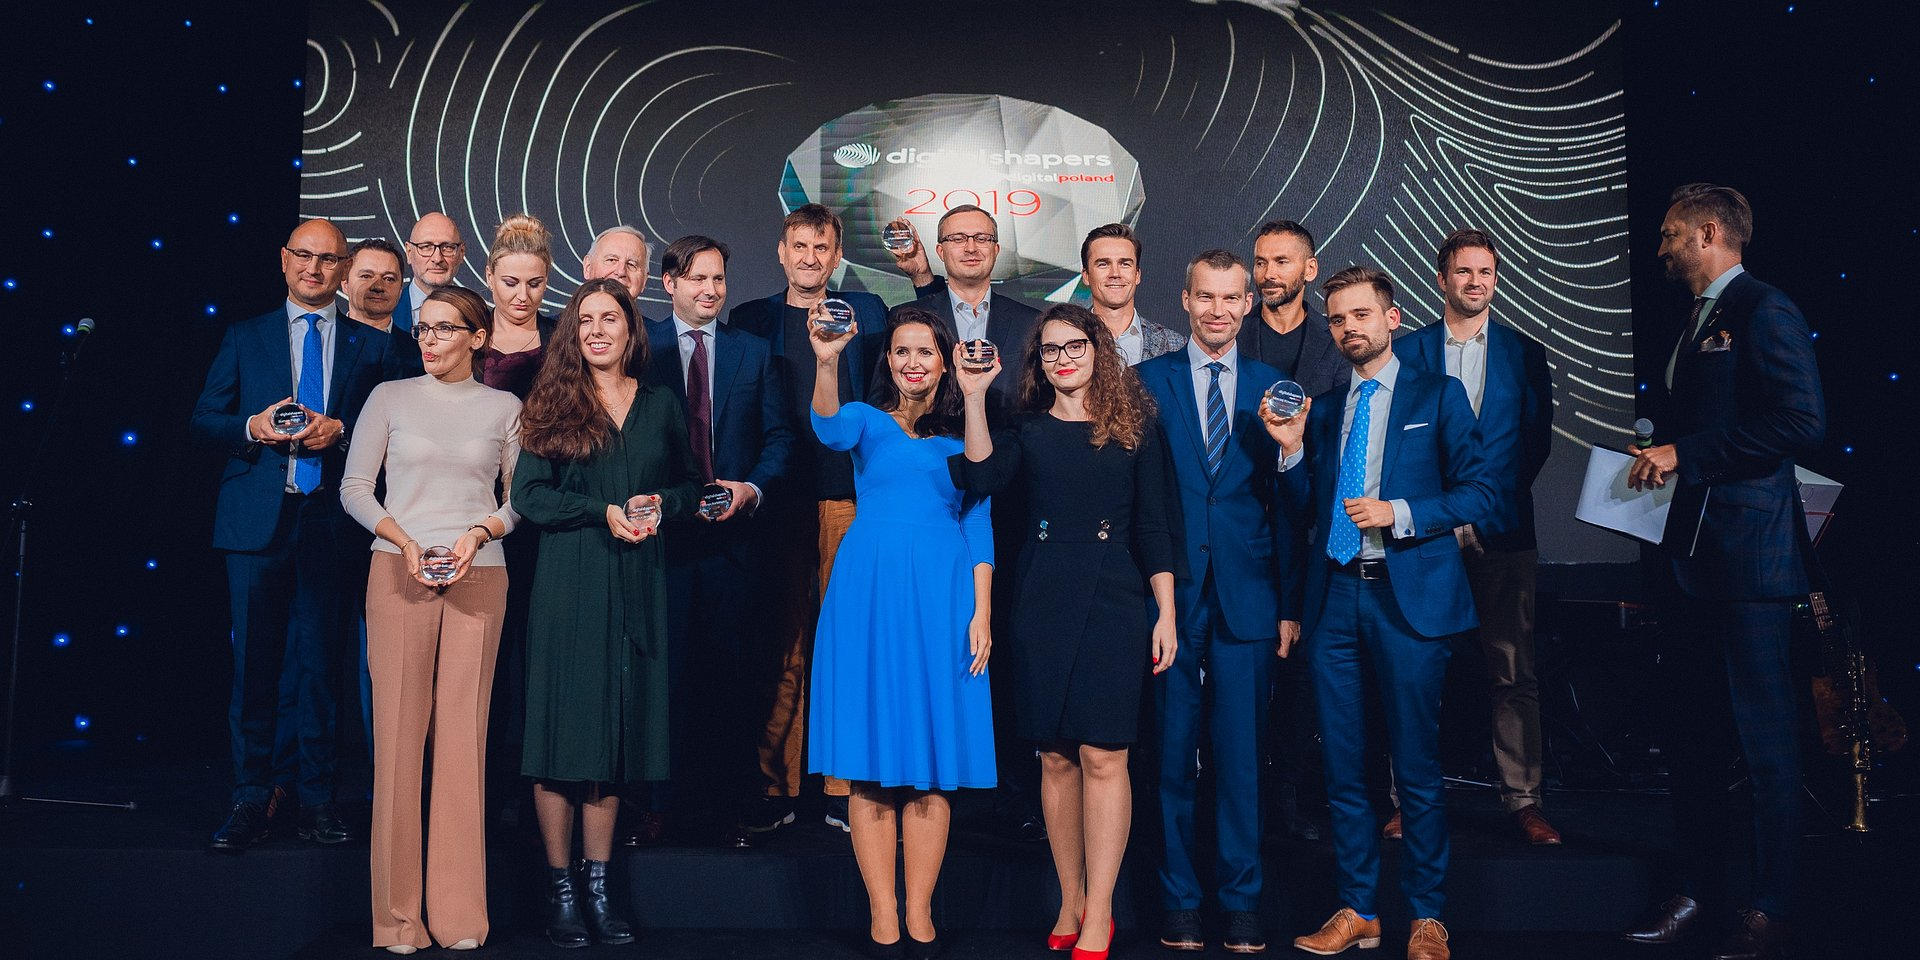 Digital Shapers 2019. Poznajcie listę liderów cyfryzacji w Polsce!